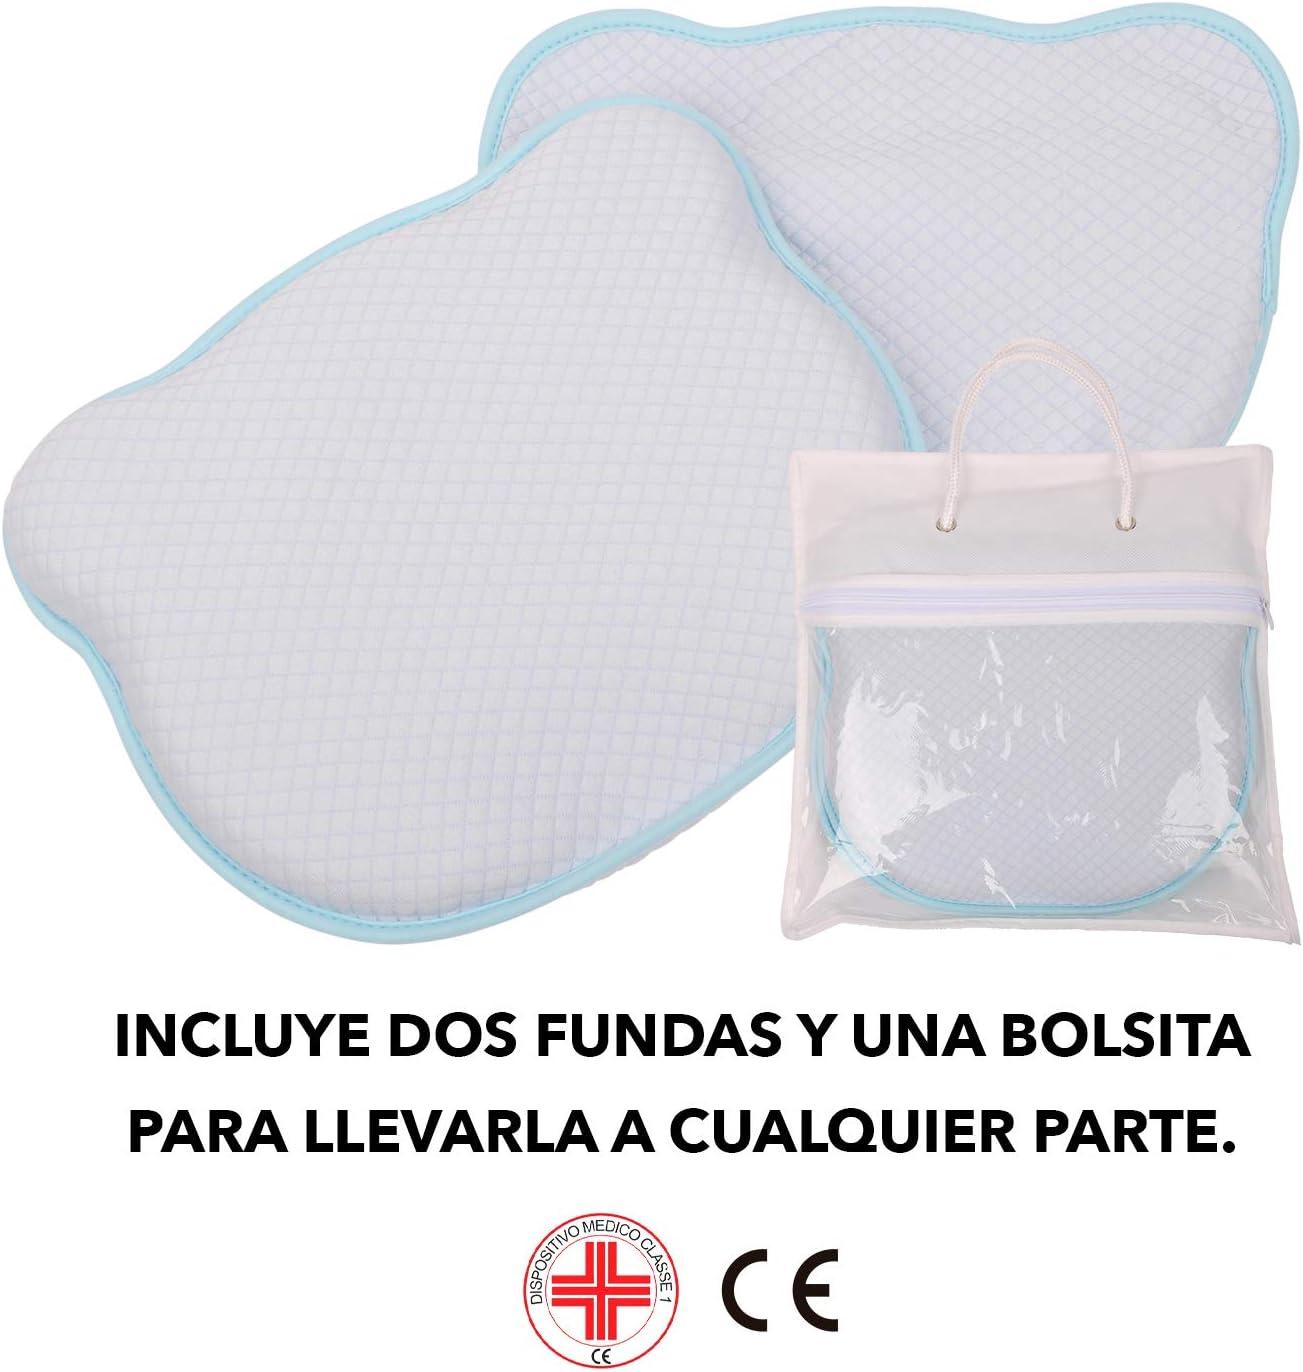 Coussin pour berceau avec deux housses et sac inclus lavable Maverick Oreiller pour b/éb/é pr/évient la plagioc/éphalie 100 /% coton Oreiller pour berceau ou chariot anti-/ètouffement